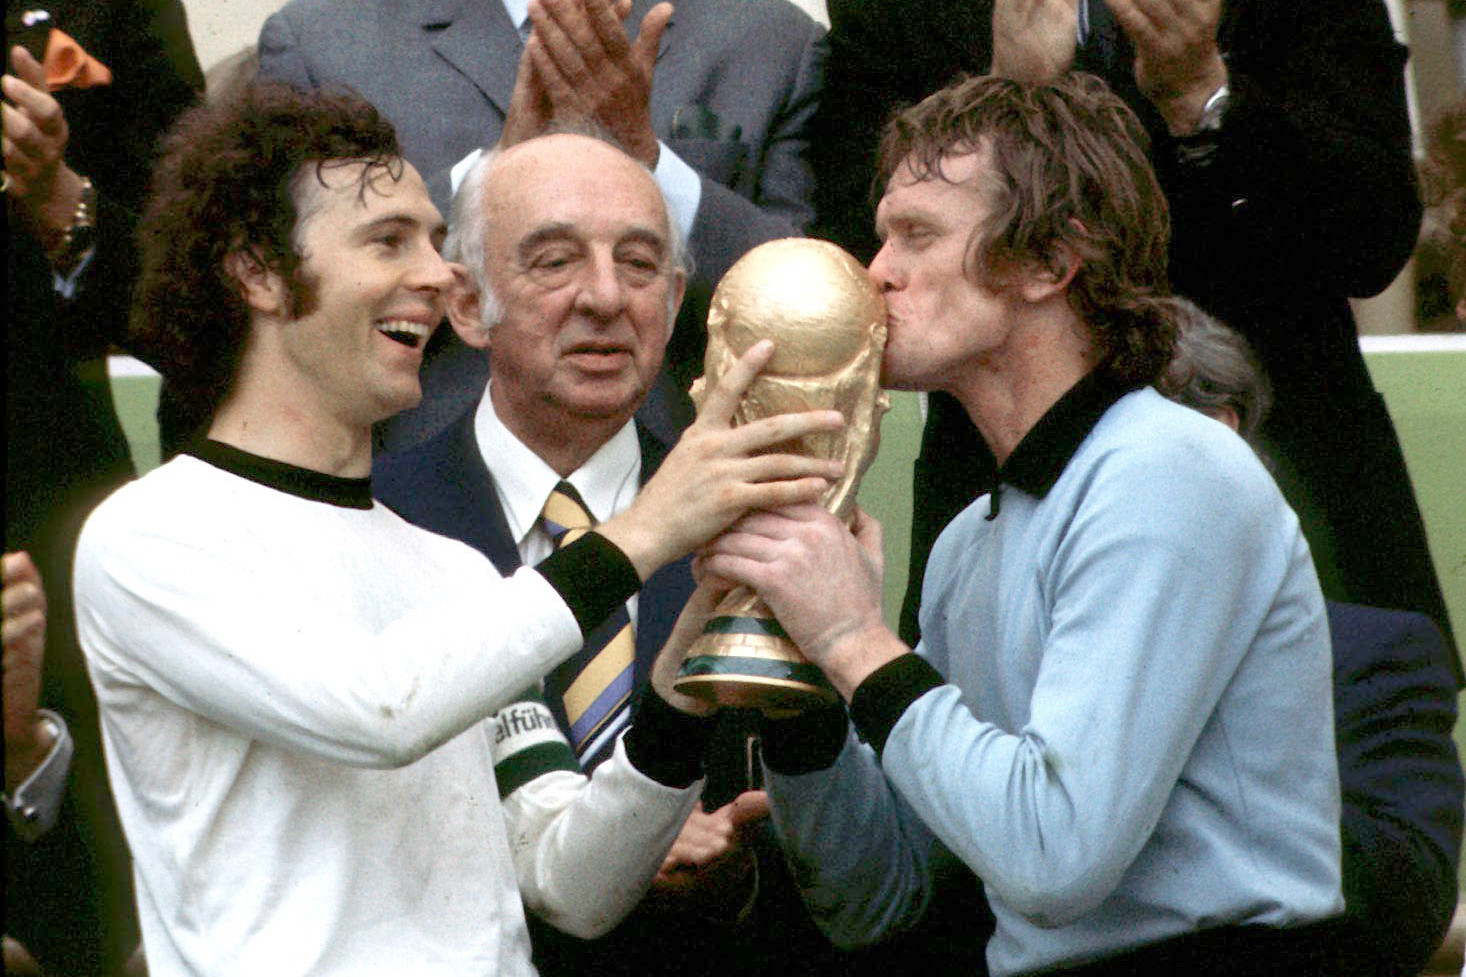 Beckenbauer a válogatott csapatkapitányaként is csúcsra ért, itt épp a Nationalelf kapusával, Sepp Maierrel ünnepli a világbajnoki győzelmet, mögött Hermann Gössmann, a Német Labdarúgó Szövetség elnöke